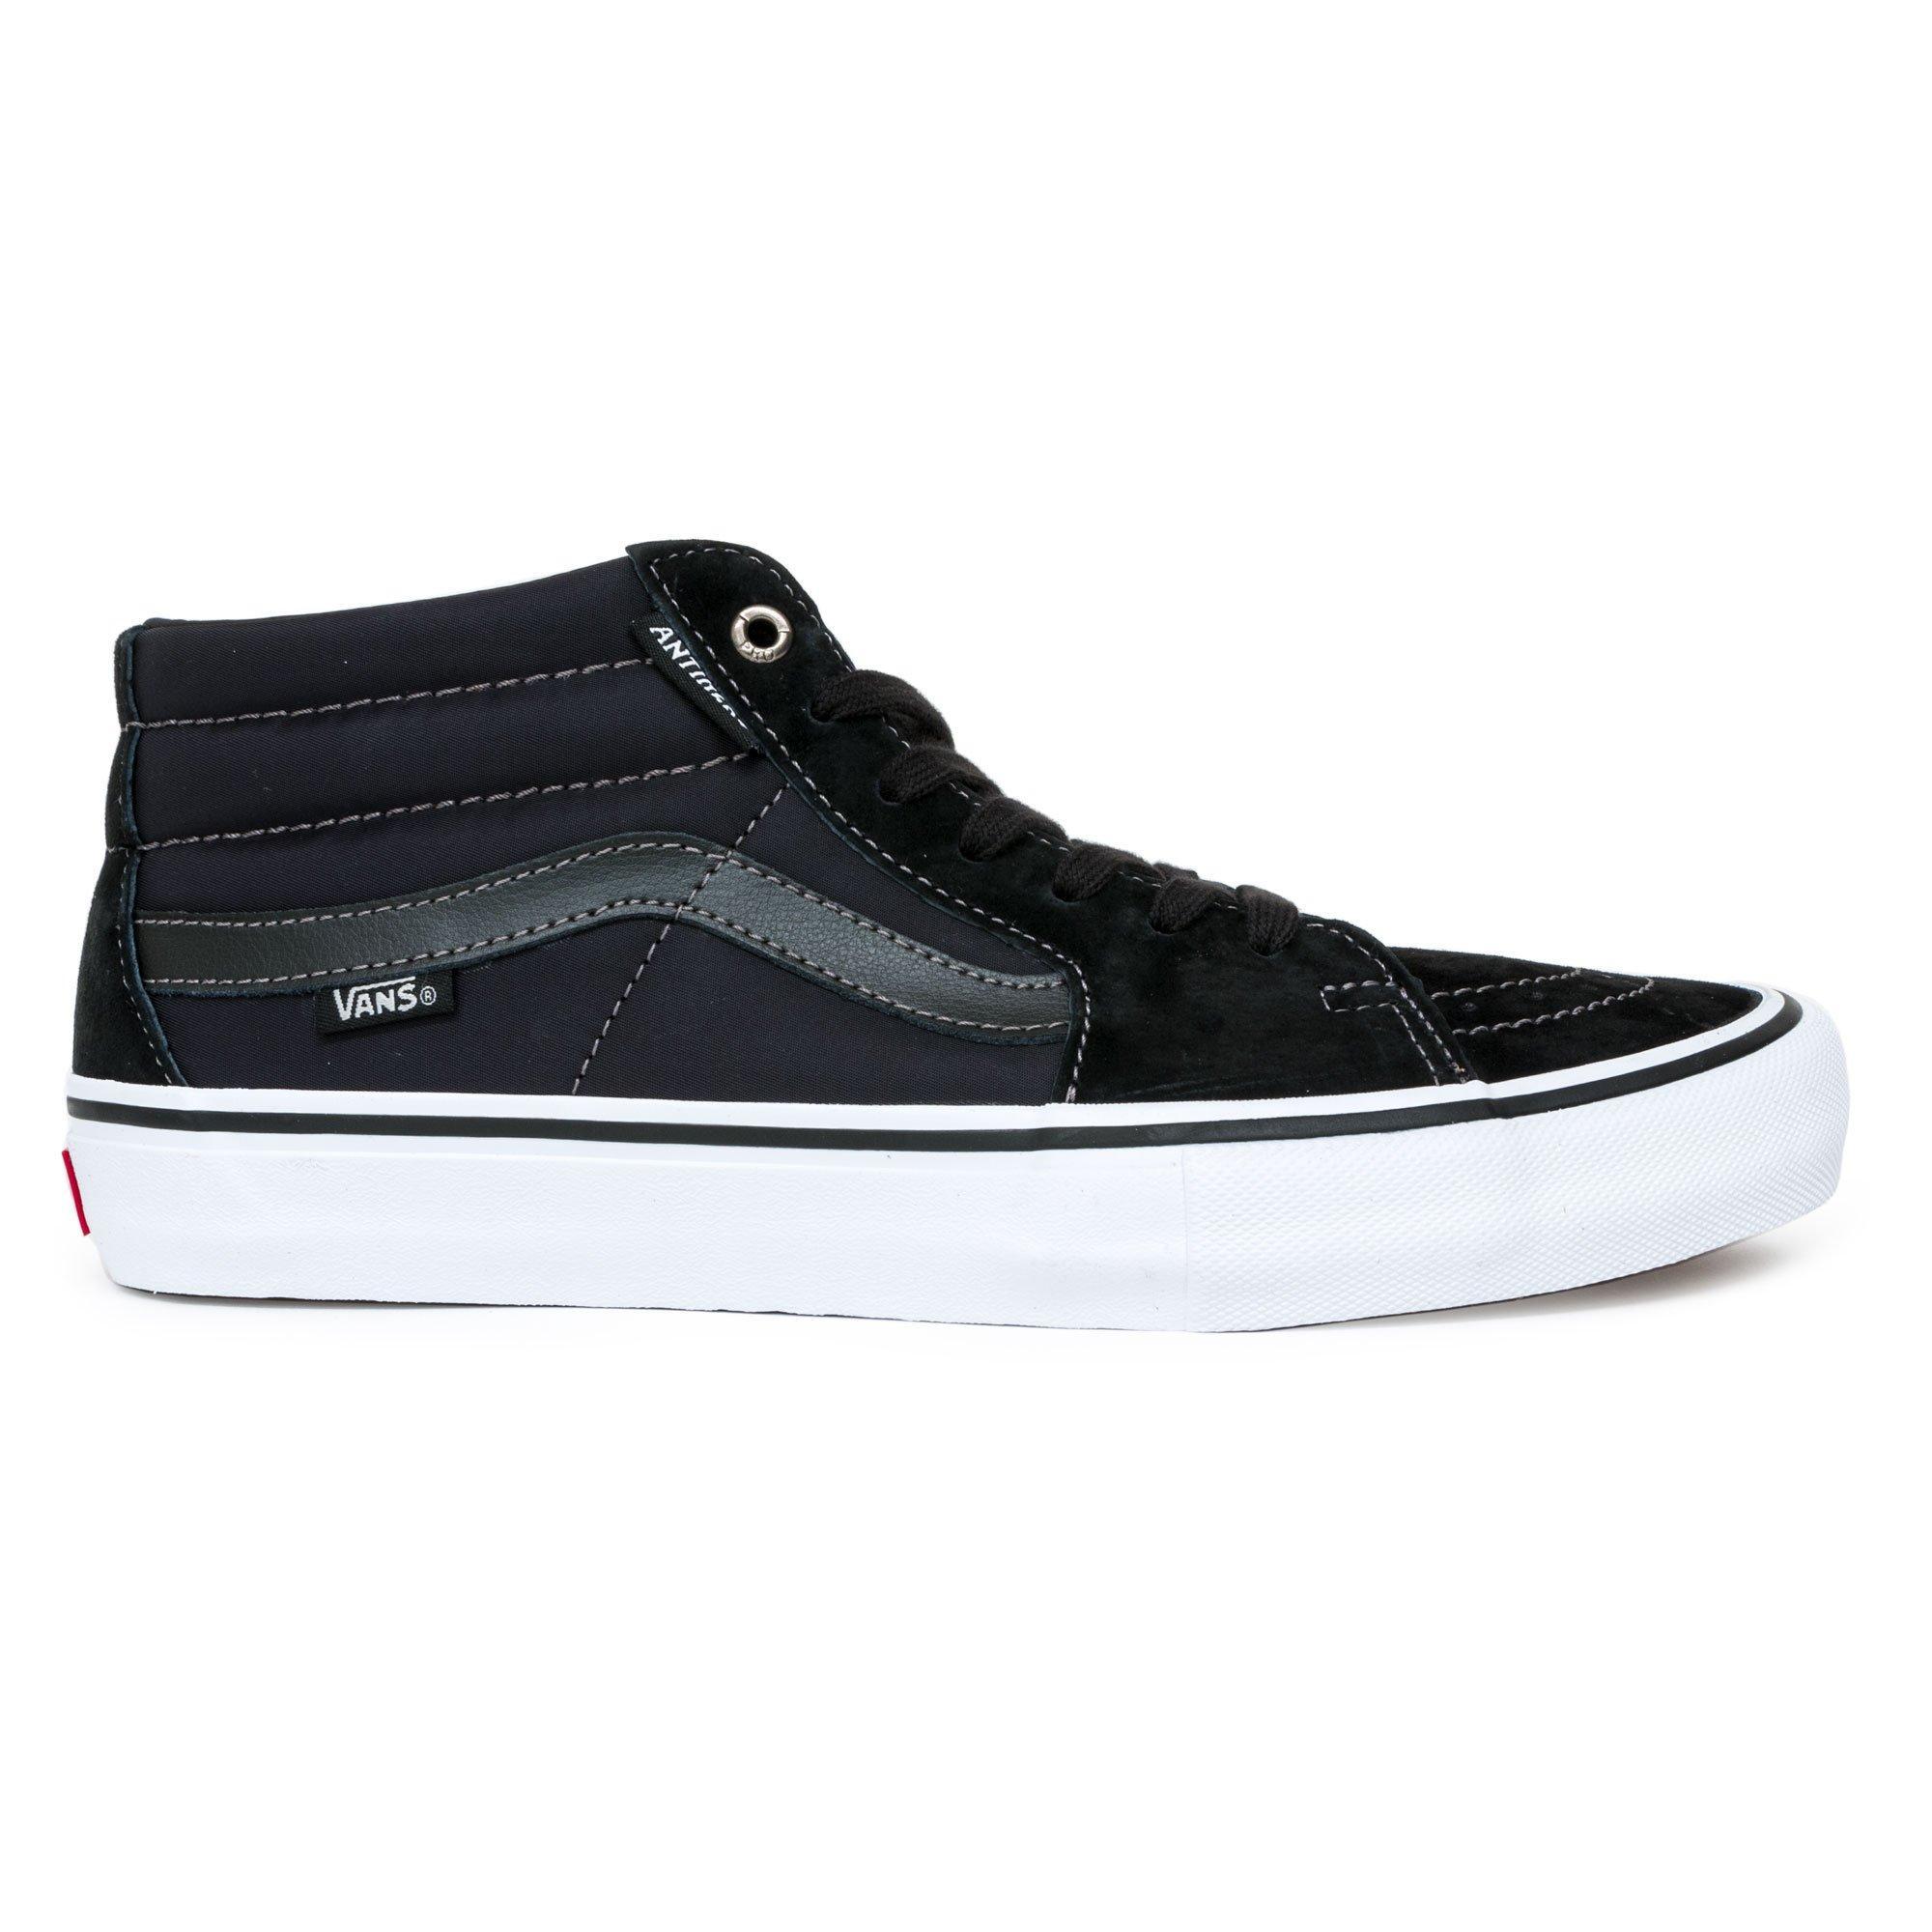 Vans Suede X Anti Hero Sk8-mid Pro Skateboarding Shoes in Black ...